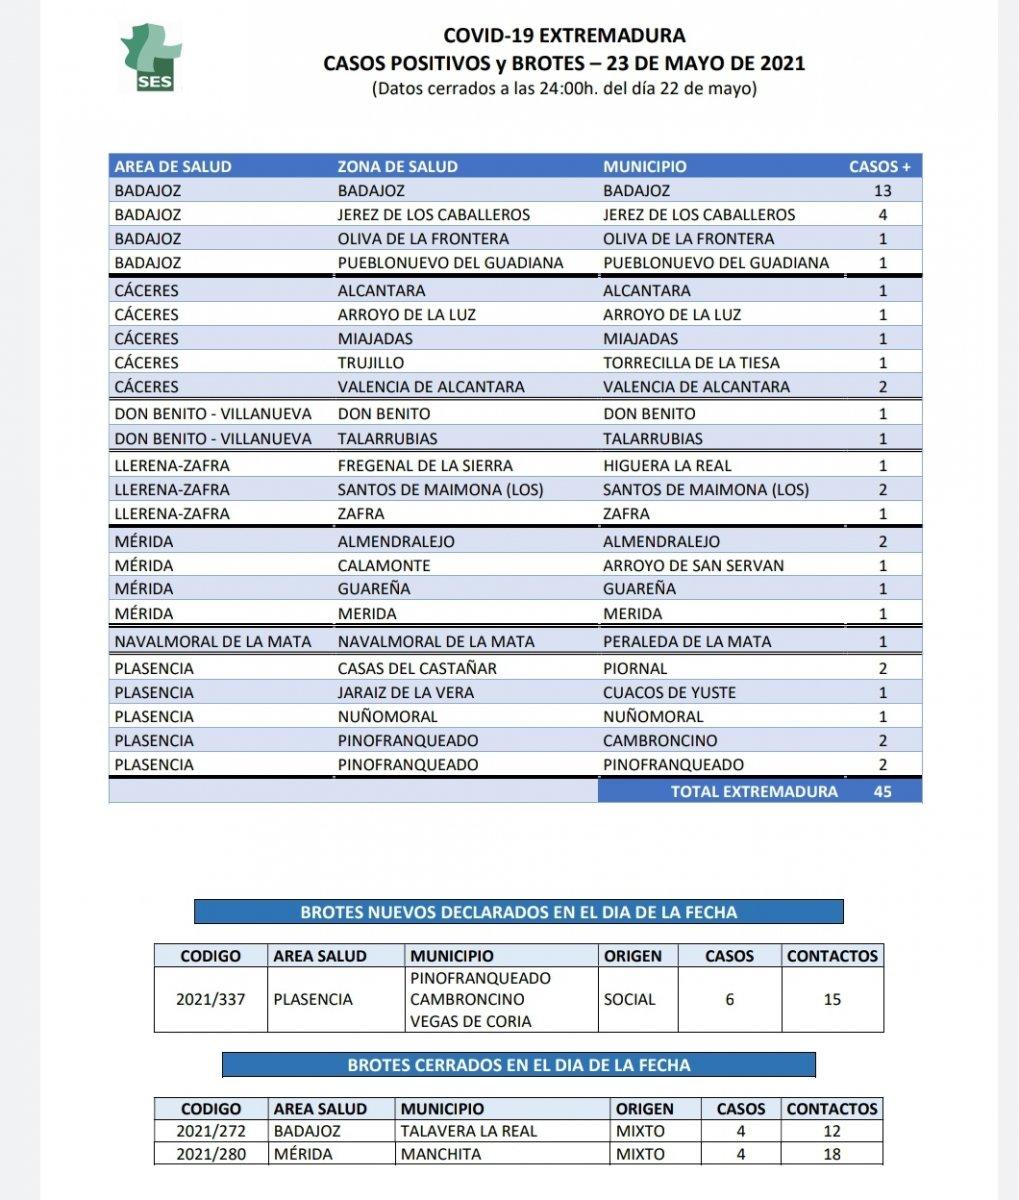 Conoce dónde se localizan los nuevos casos de Covid confirmados en Extremadura este 23 de mayo